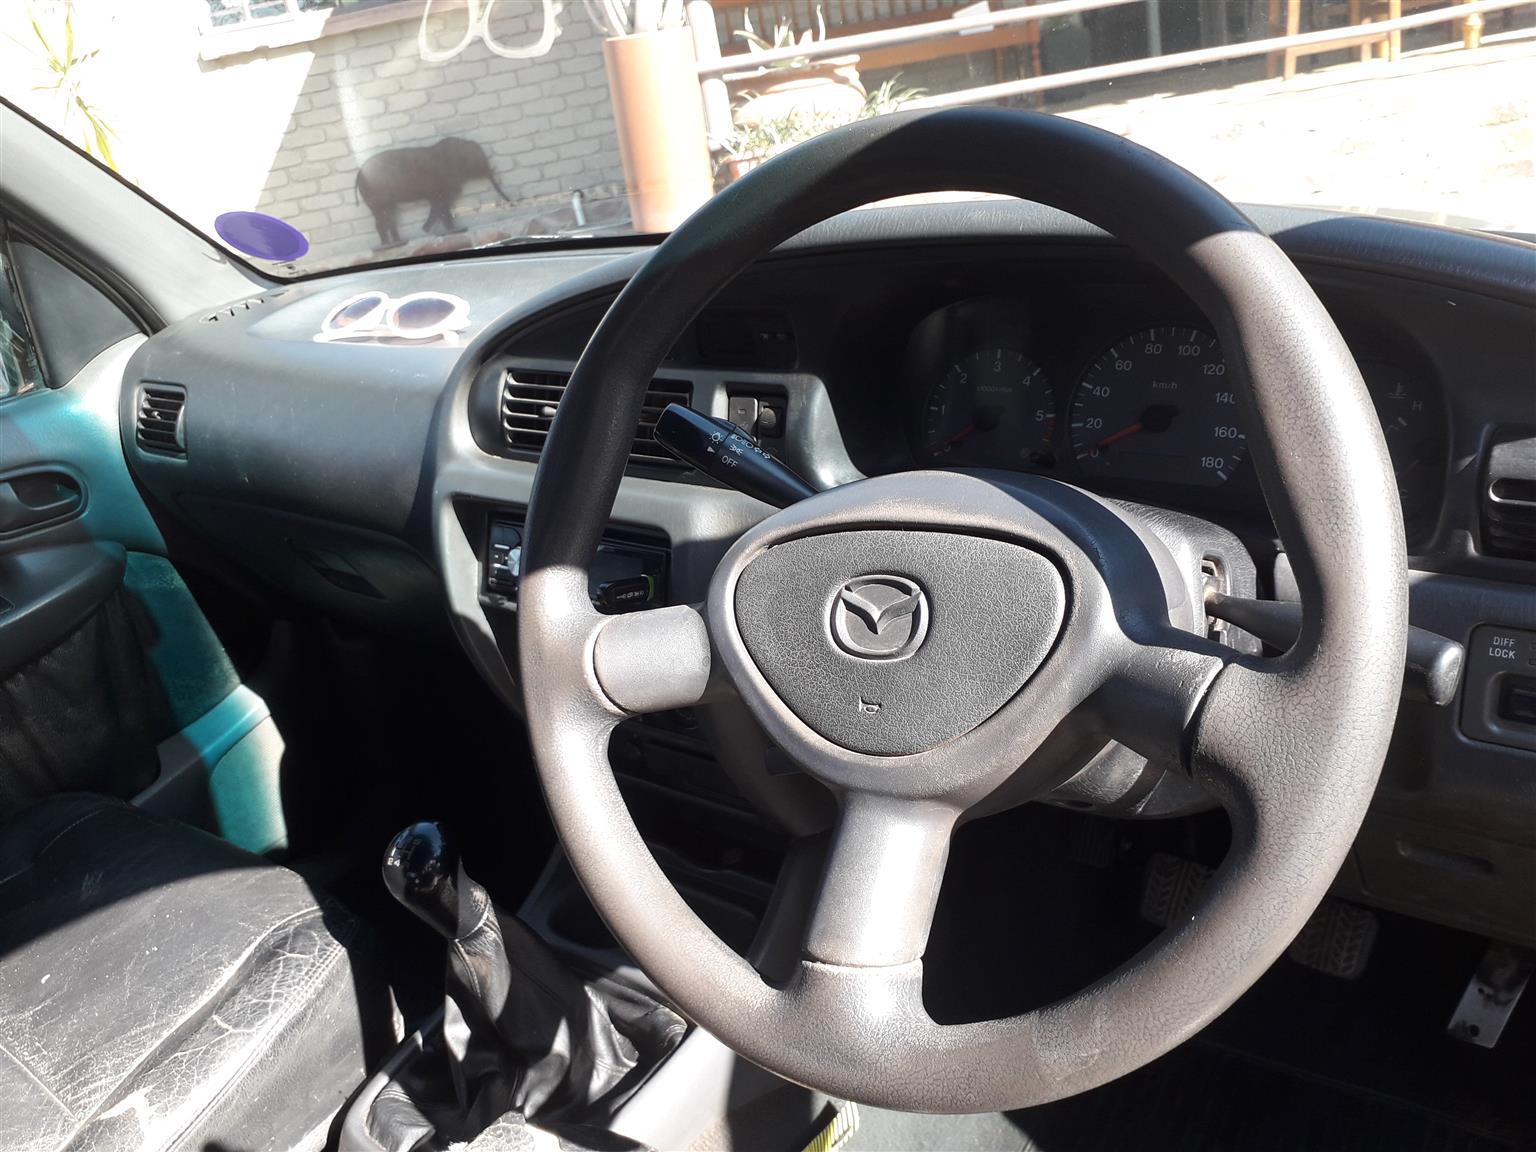 2001 Mazda Drifter B2500TD hi ride SLX